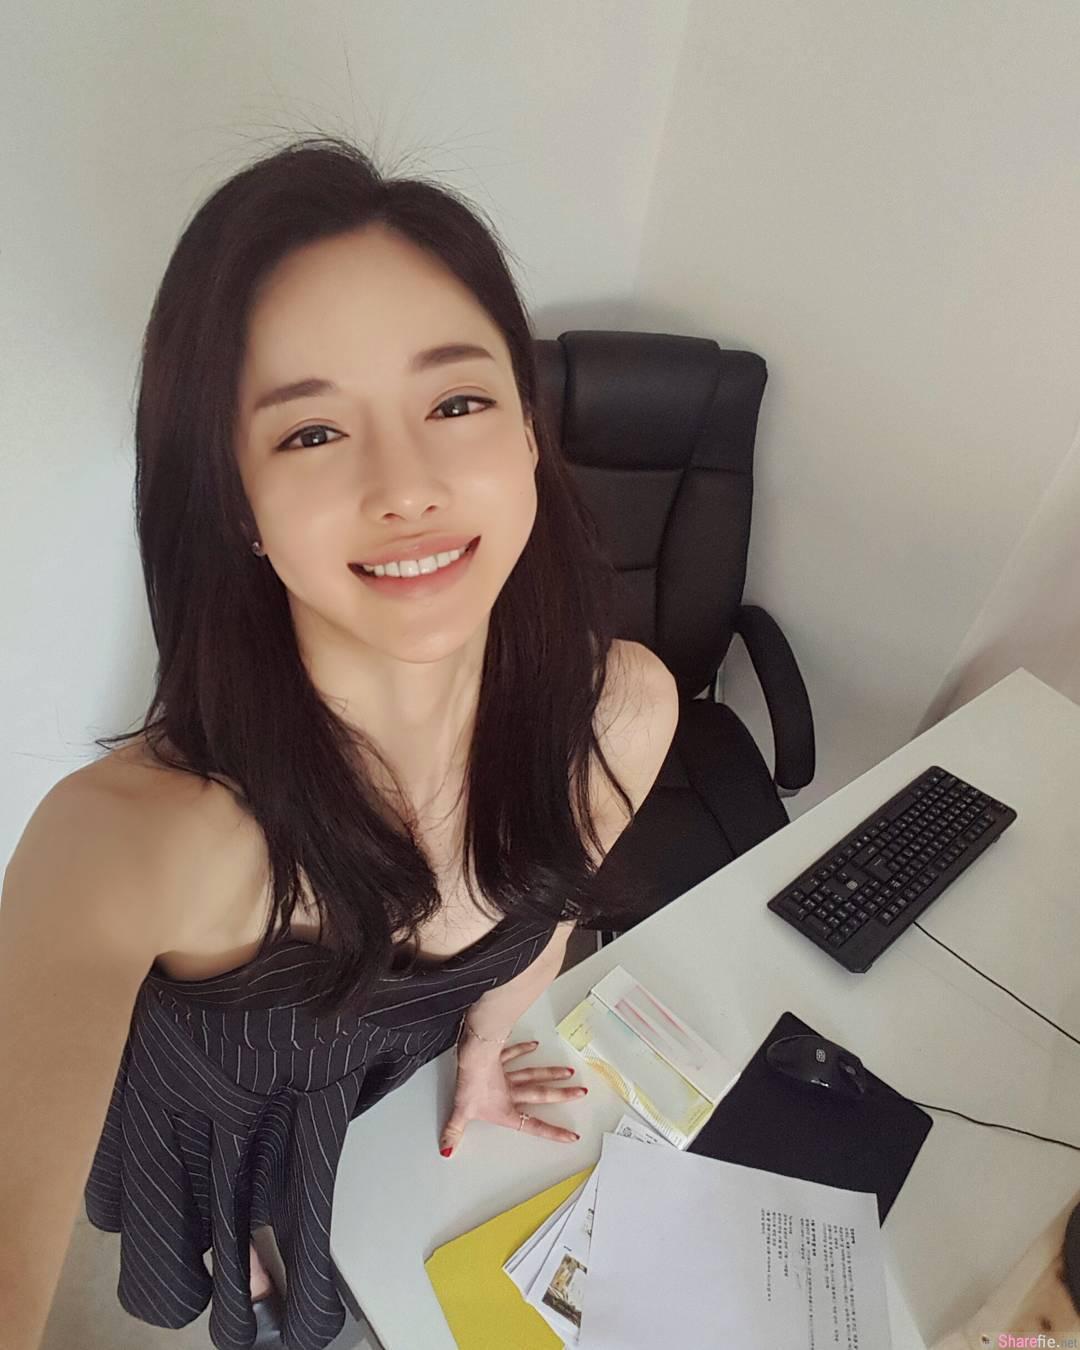 韩国正妹九头身美女 网友:想和你一起学瑜伽